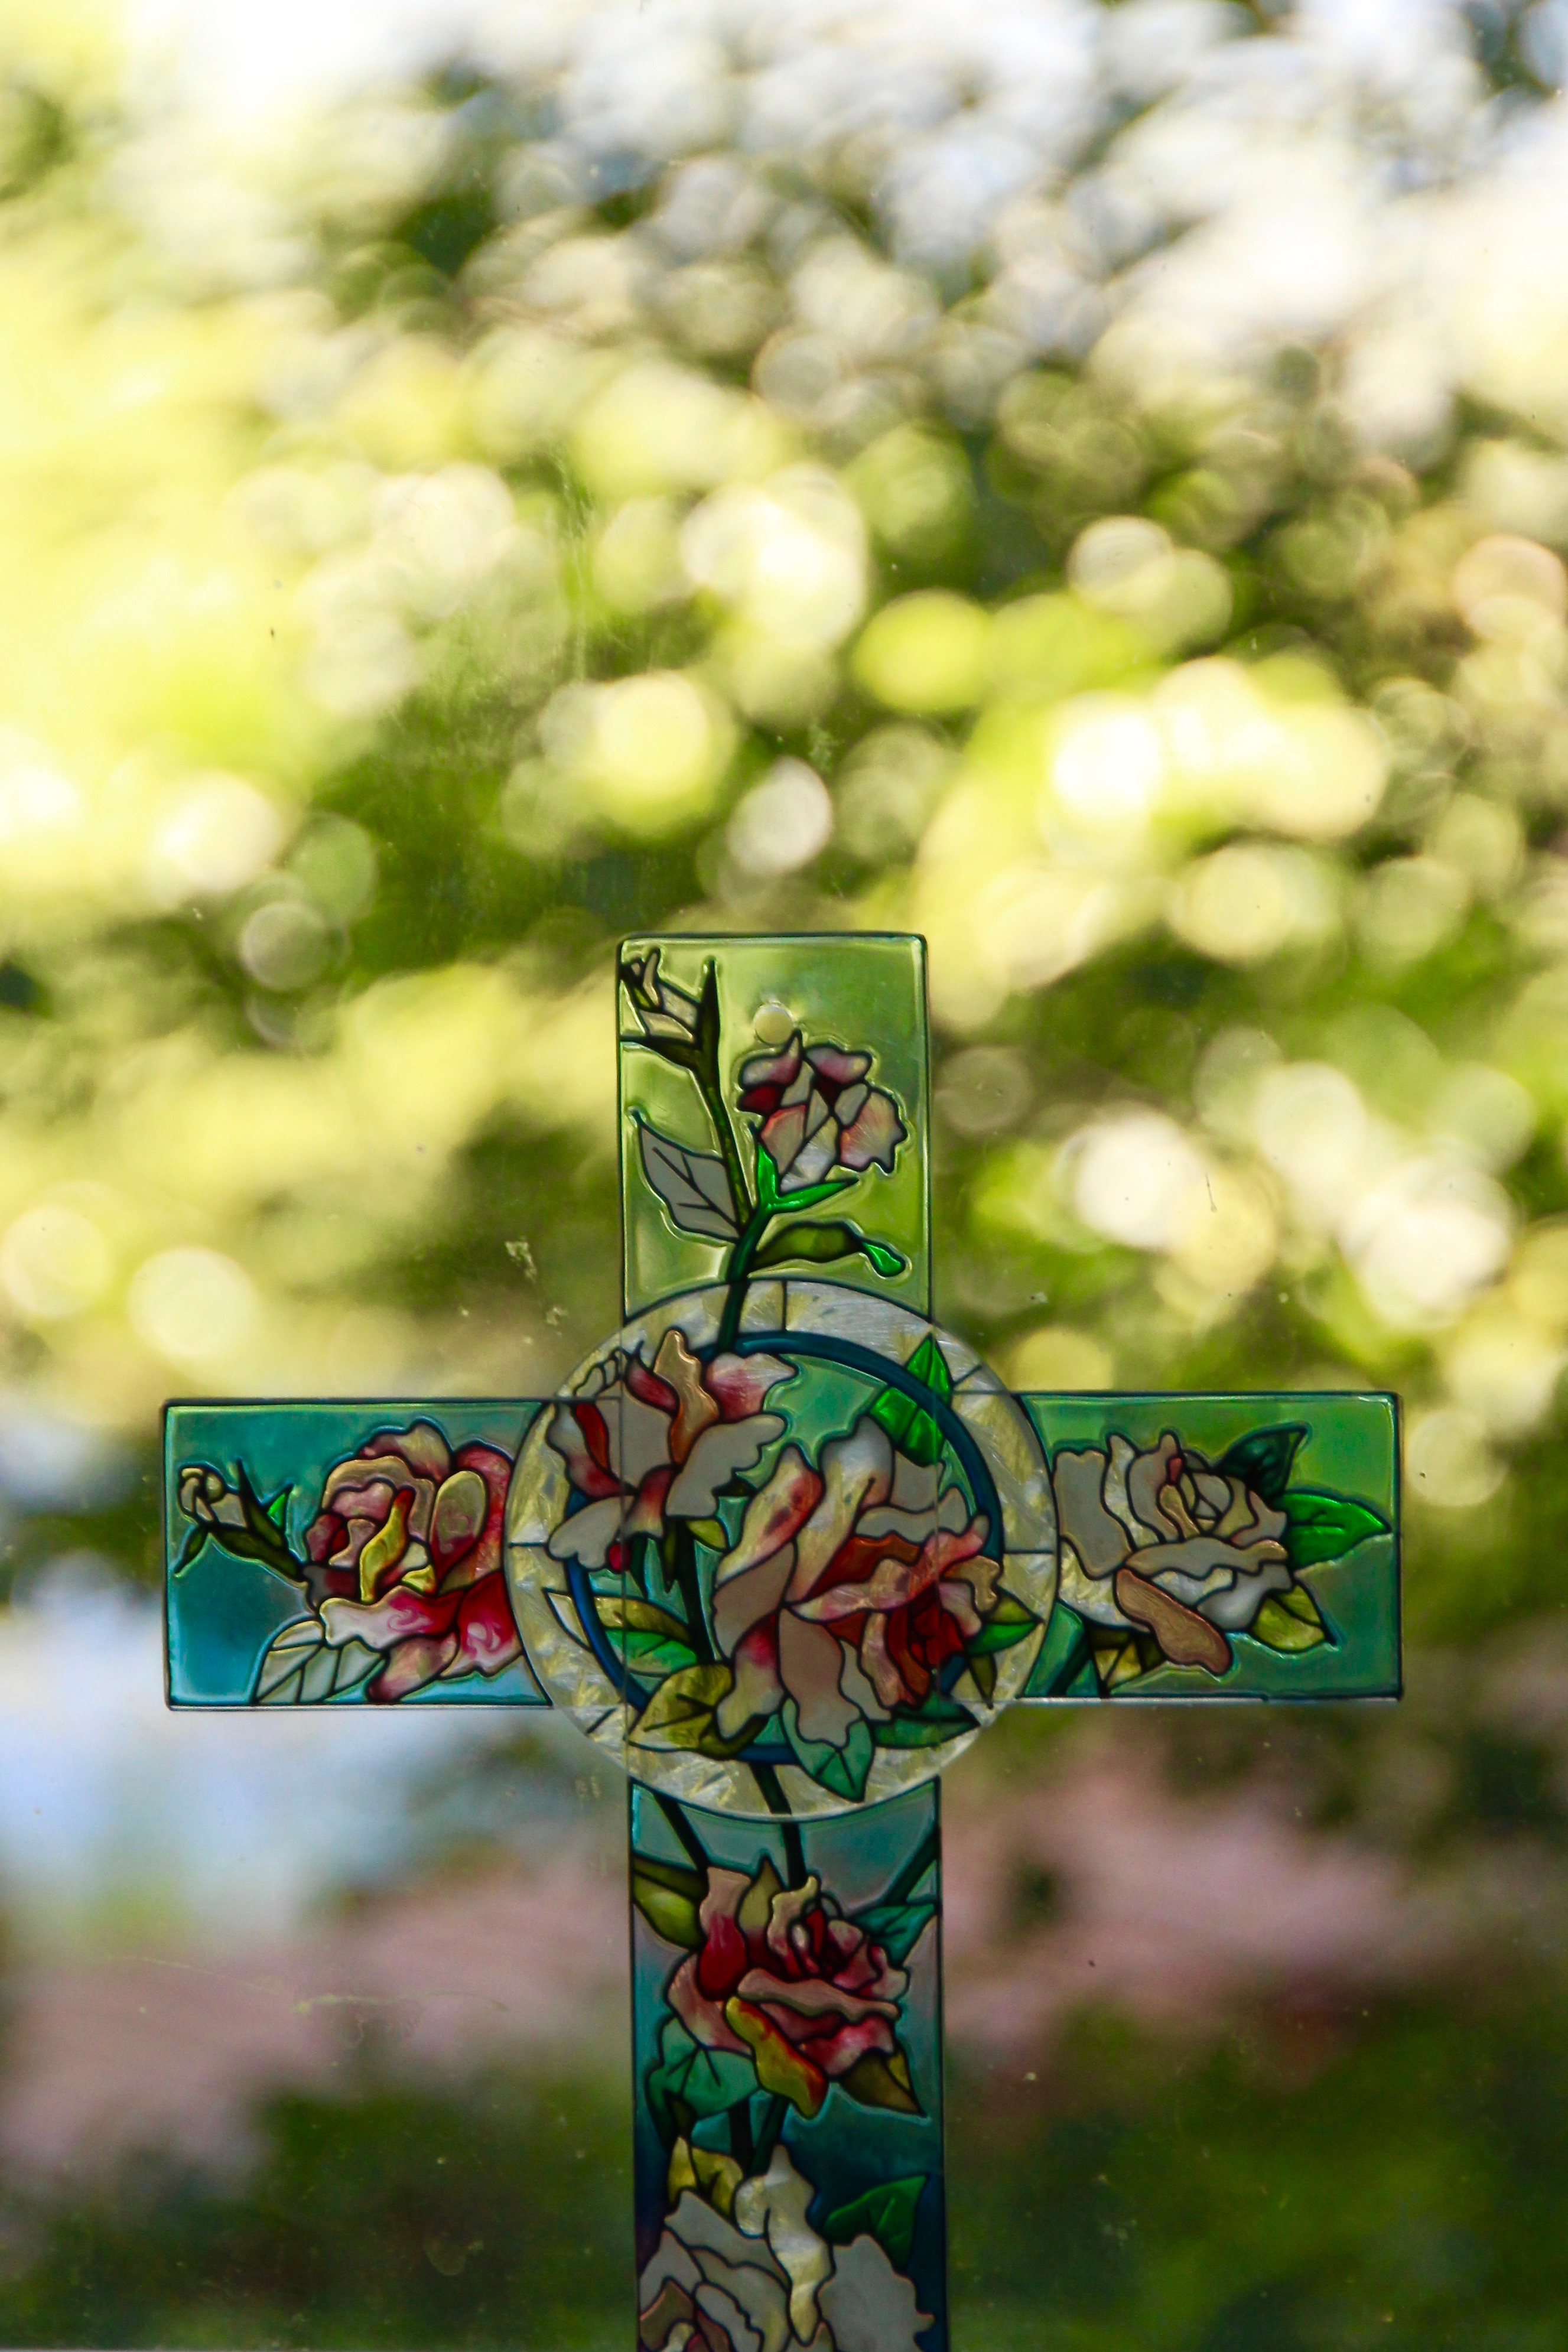 Cross by window